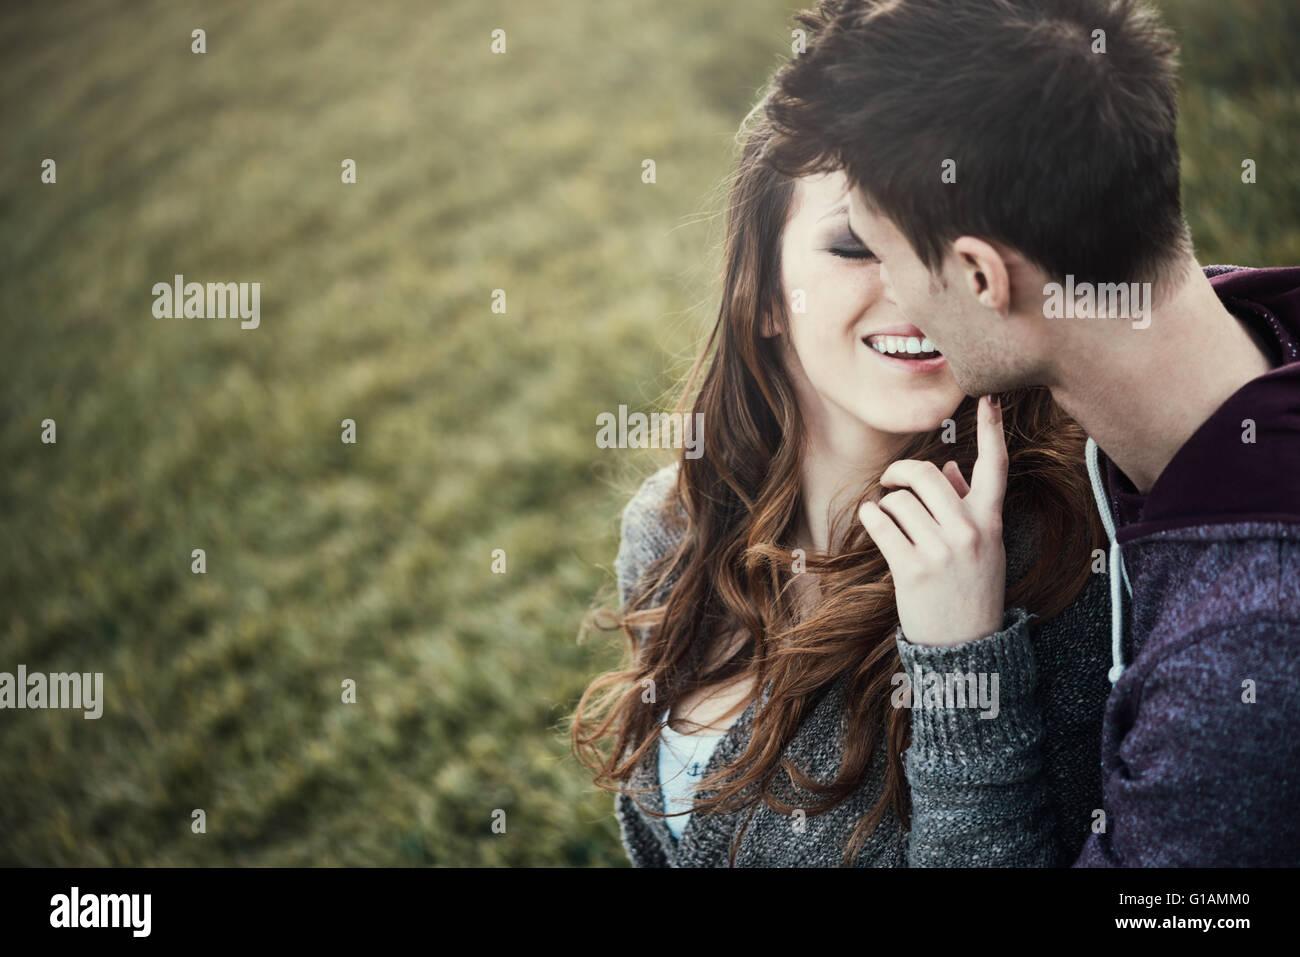 Pareja de amantes jóvenes sentados en el césped, ella está coqueteando con él, el amor y las Imagen De Stock